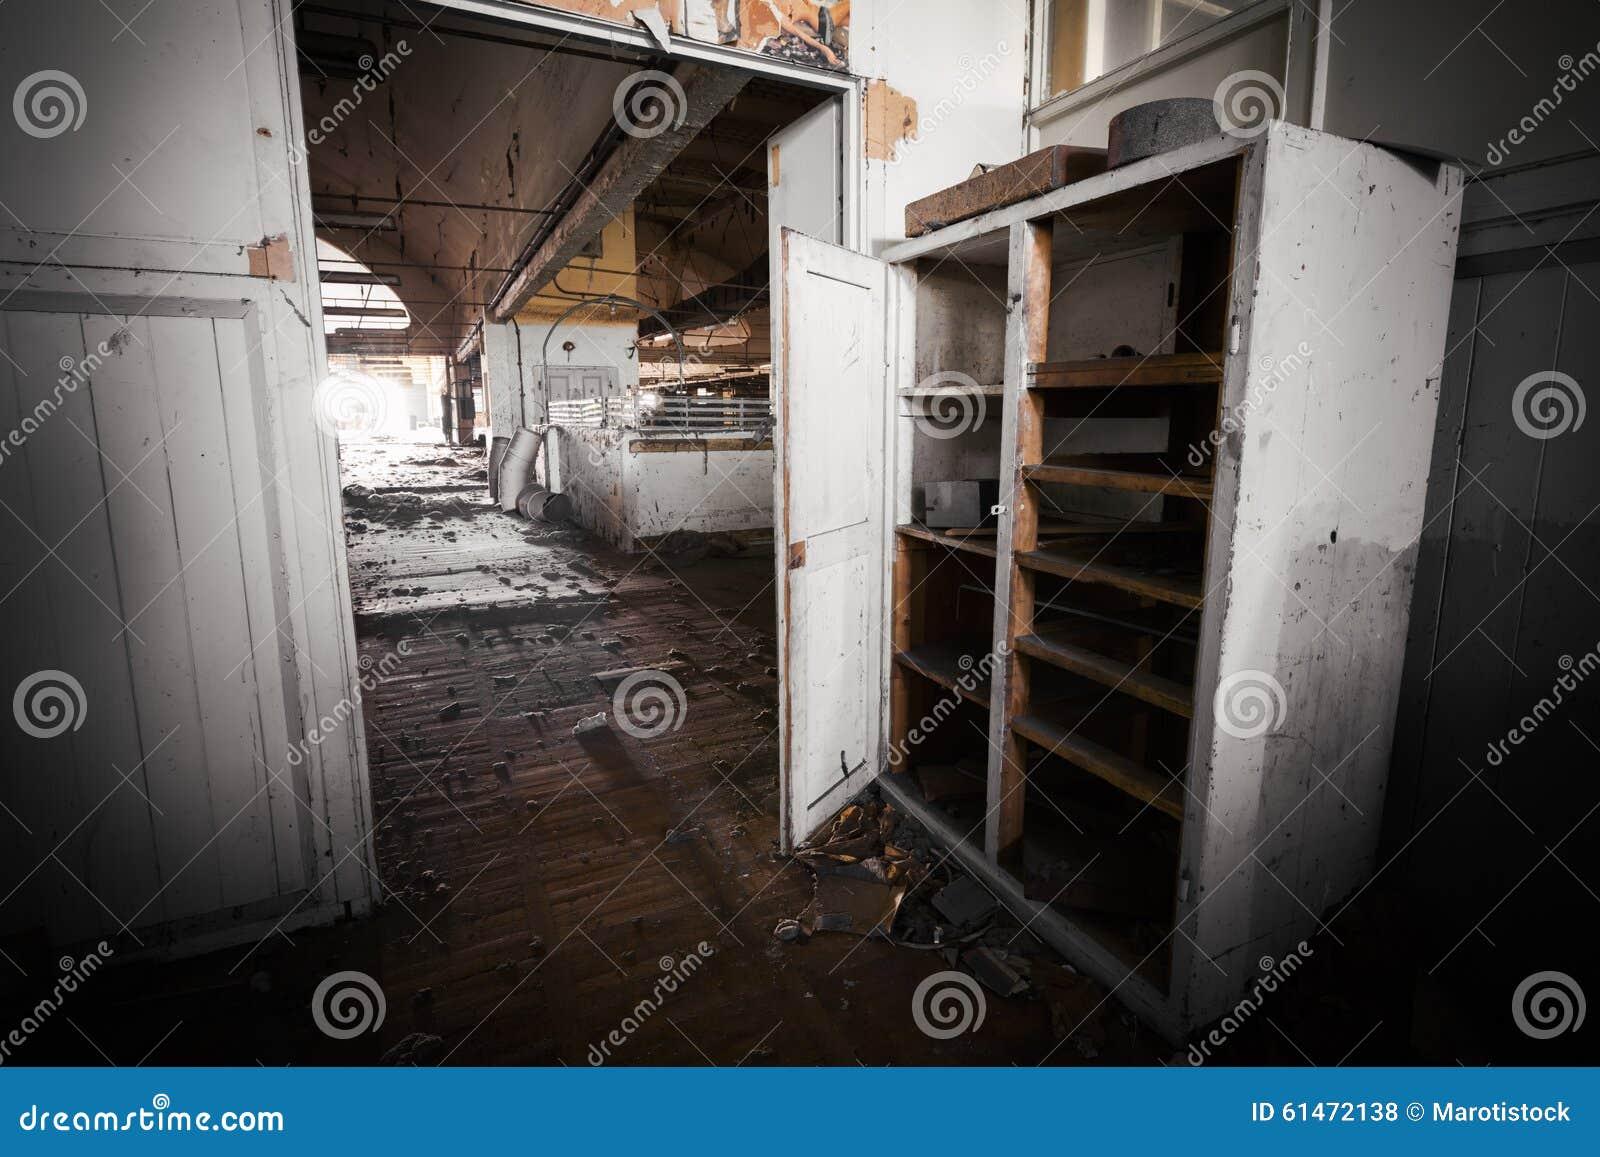 Meubles de bureau sales dans une usine abandonnée photo stock